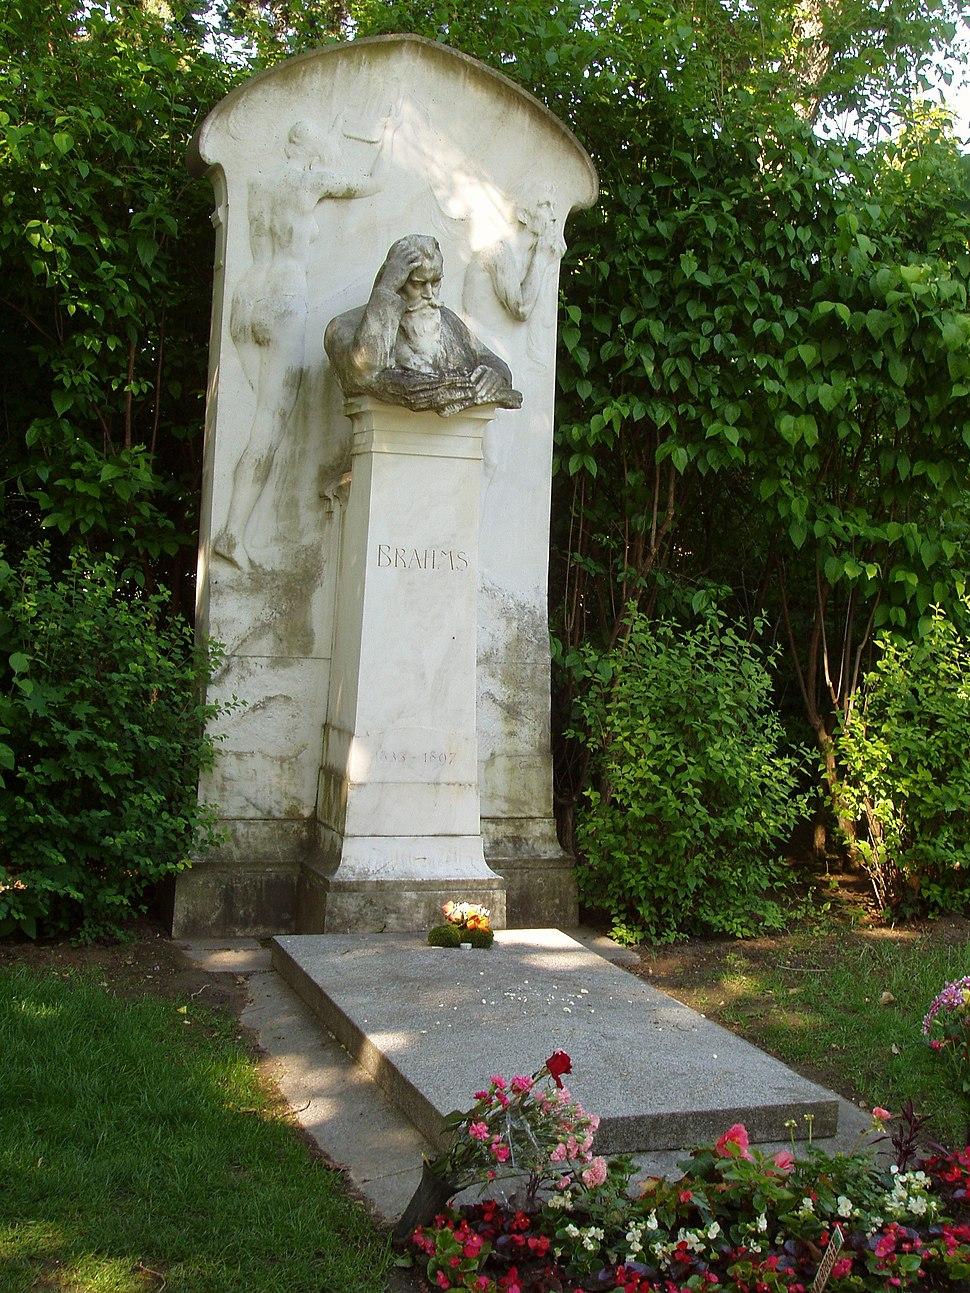 Zentralfriedhof Vienna - Brahms